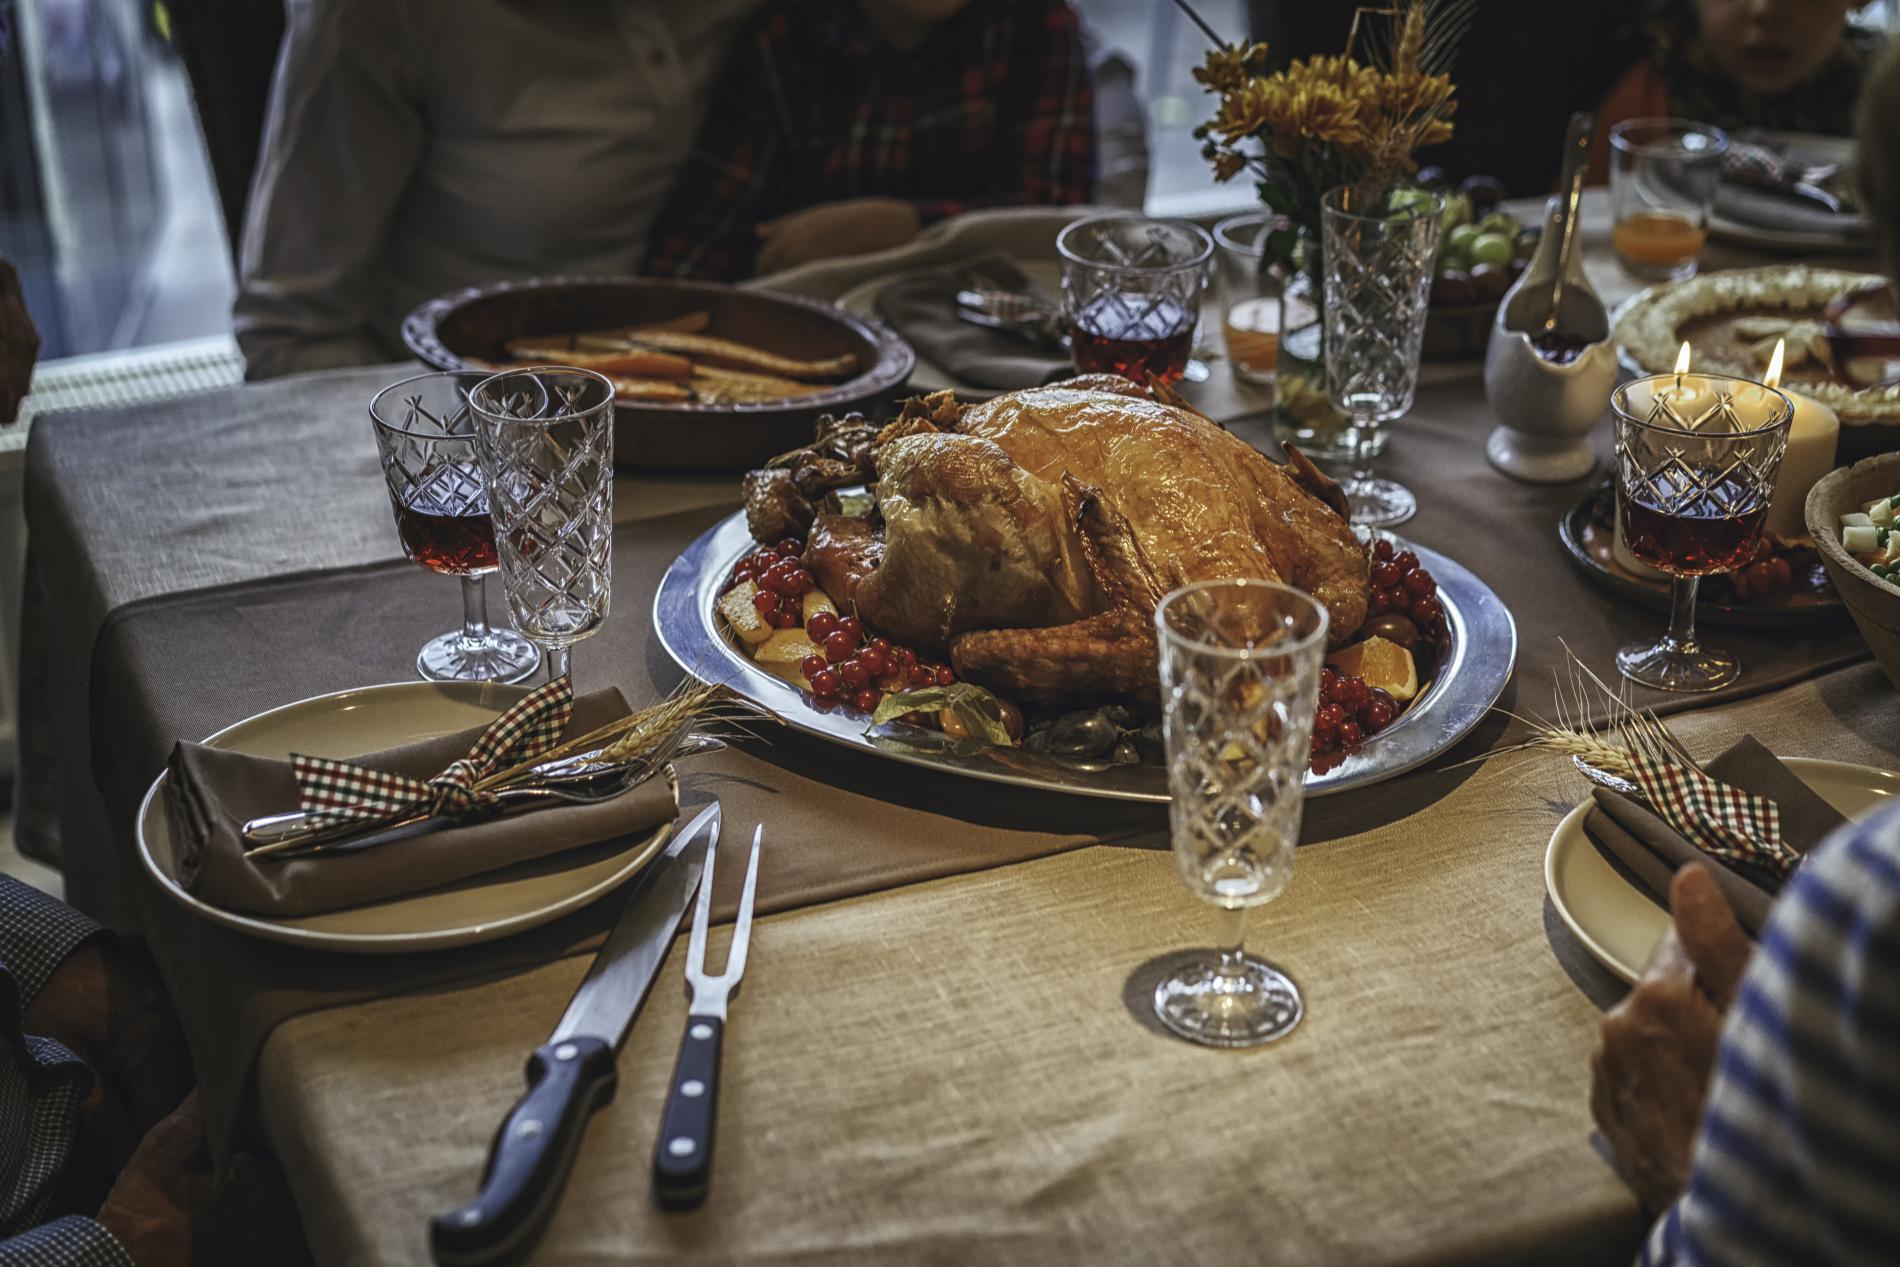 Idee Menu Jour De Noel.50 Recettes Traditionnelles Pour Un Repas De Noel Classique